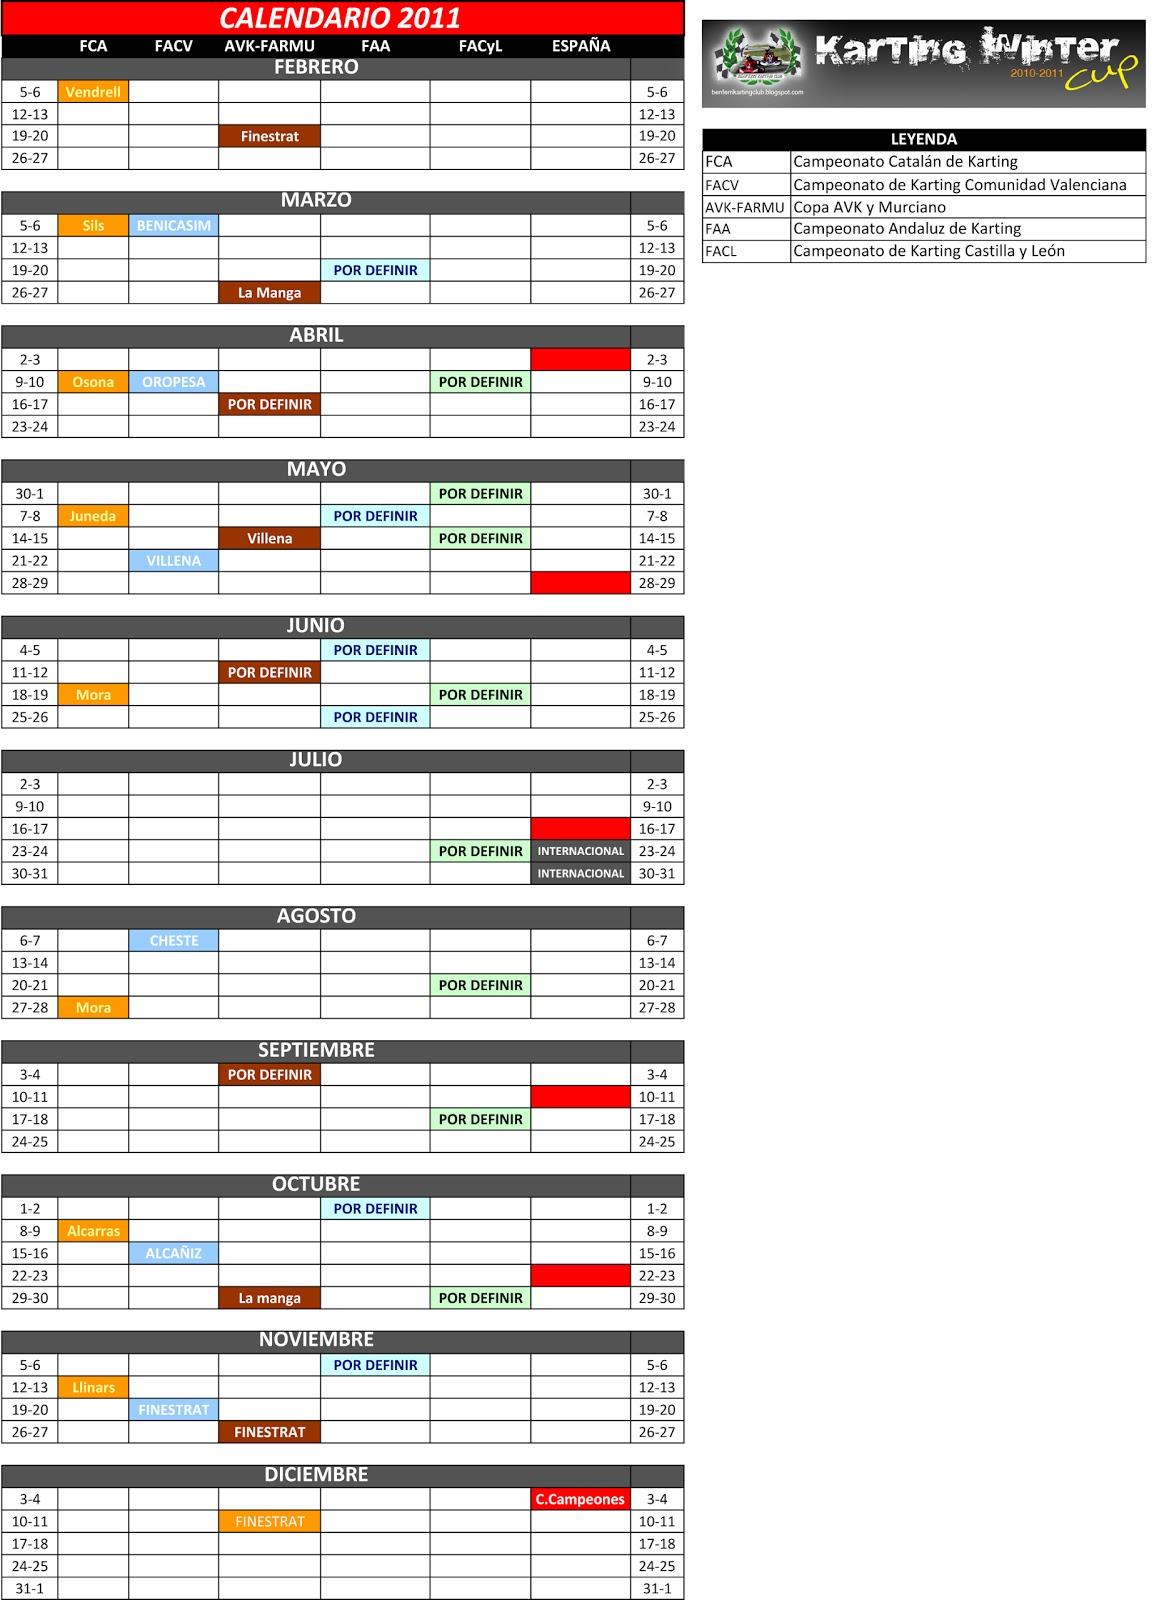 Calendario 2011 Espana.Benferri Karting Club Calendario Provisional Karting Nacional 2011